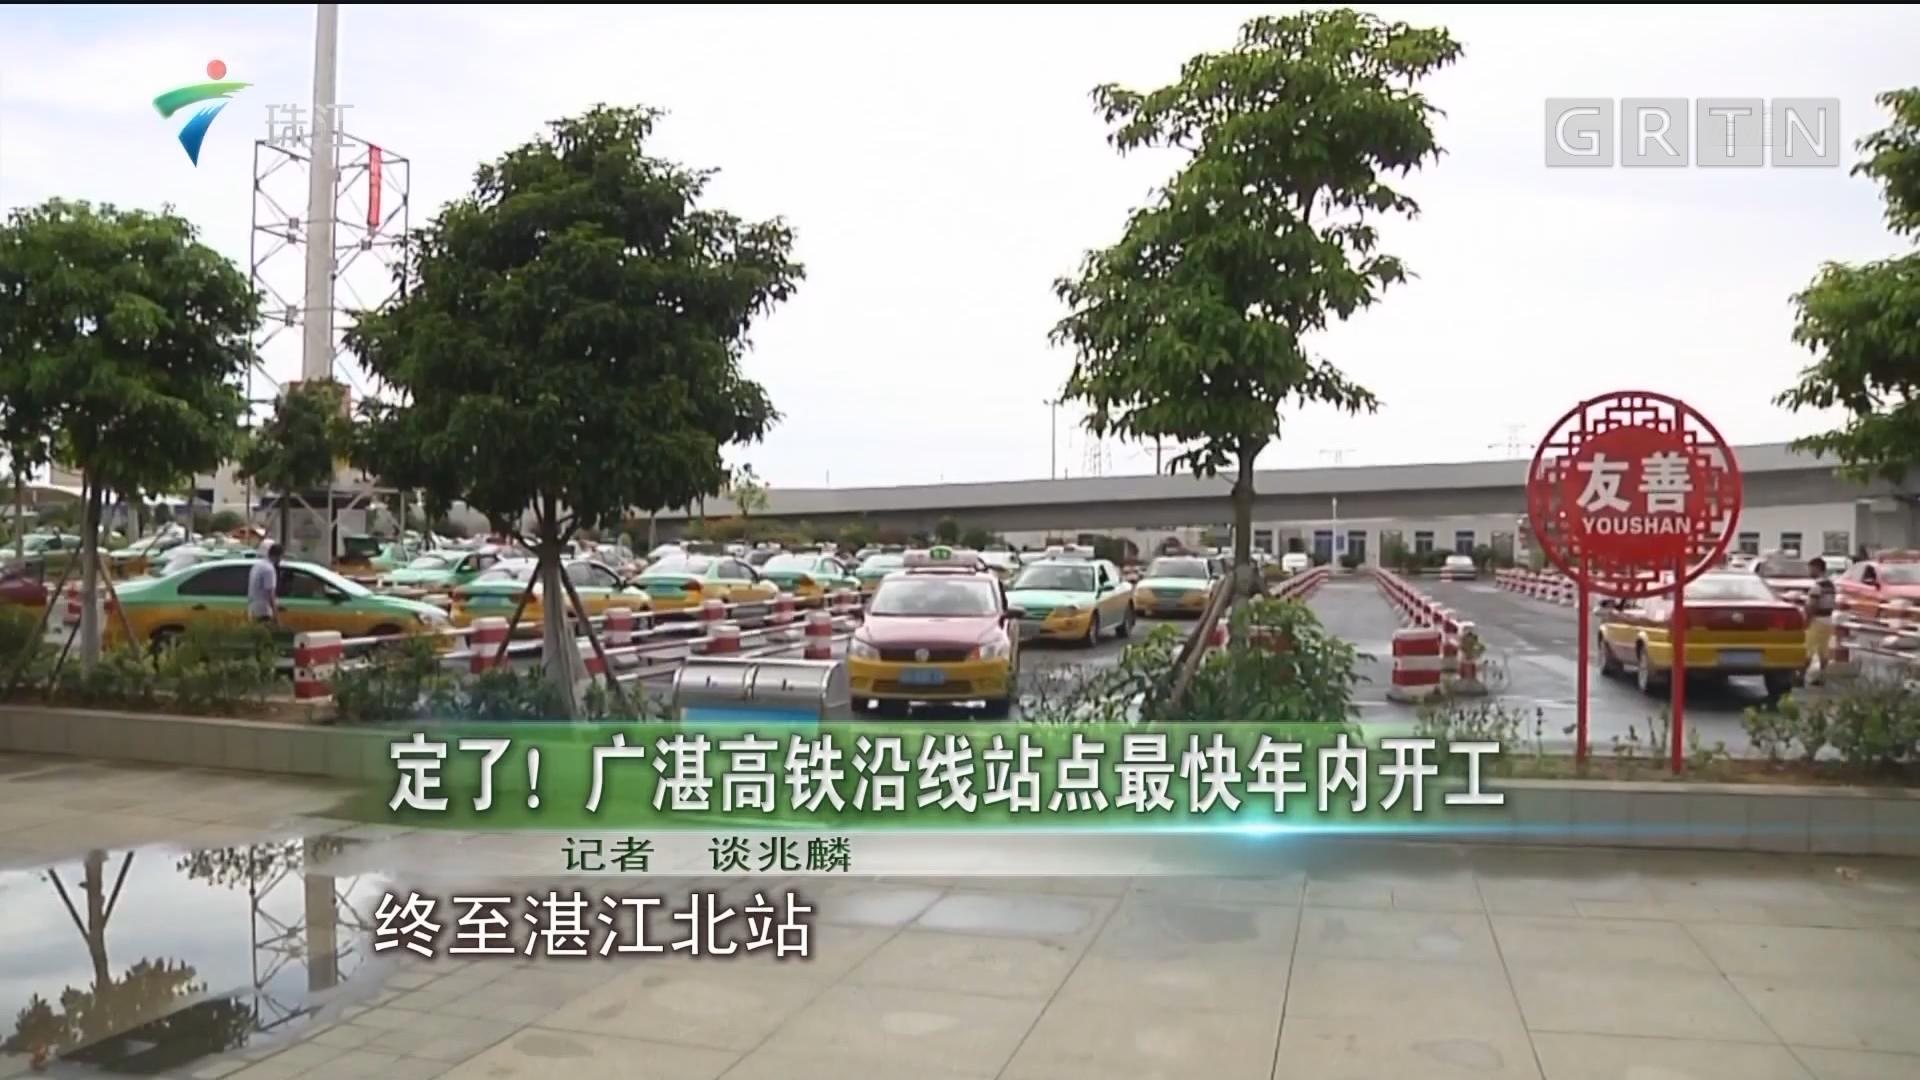 定了!广湛高铁沿线站点最快年内开工